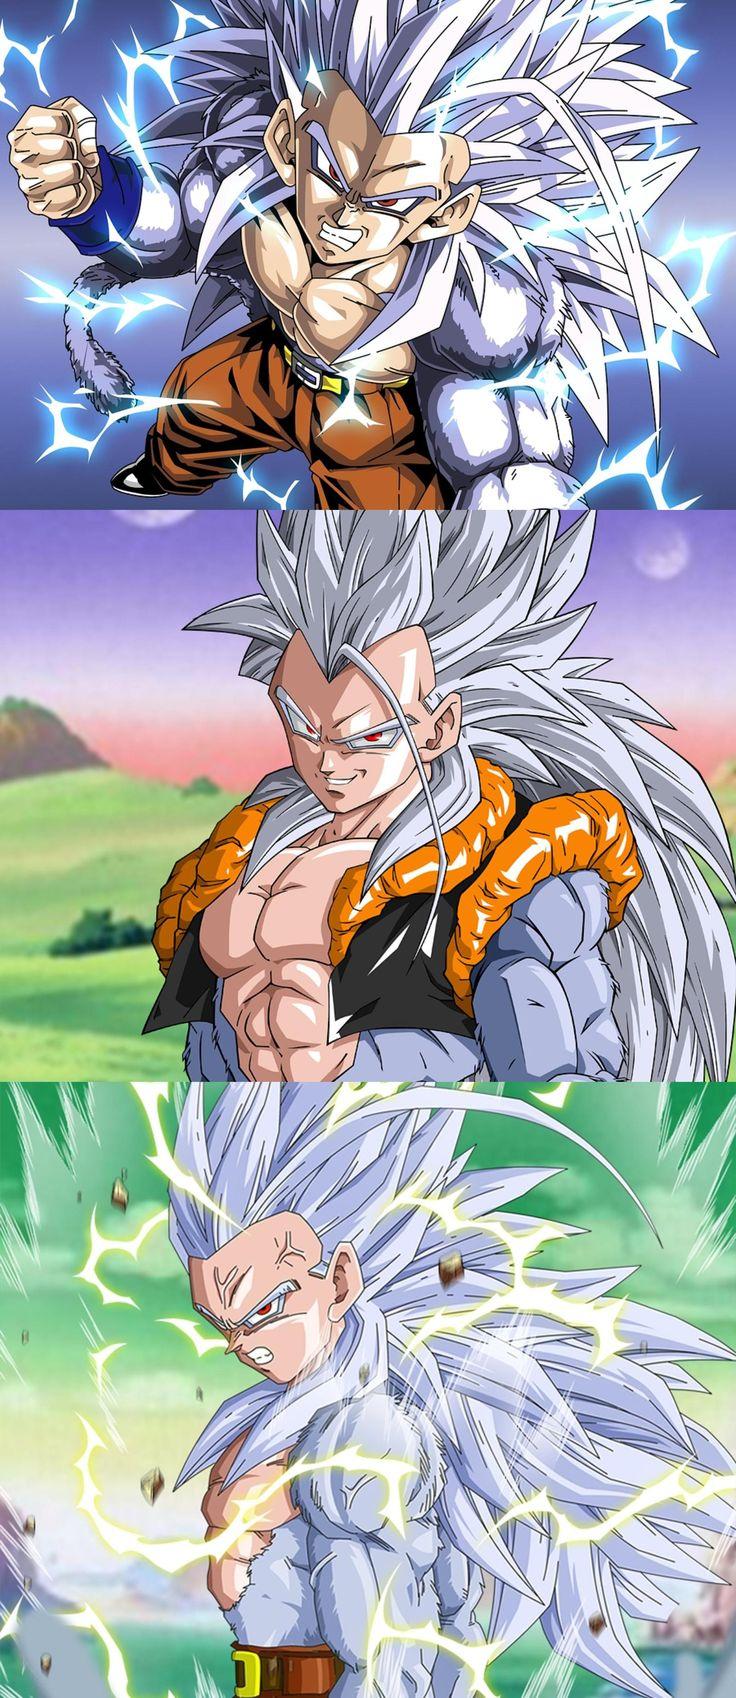 af Dragon anime ball